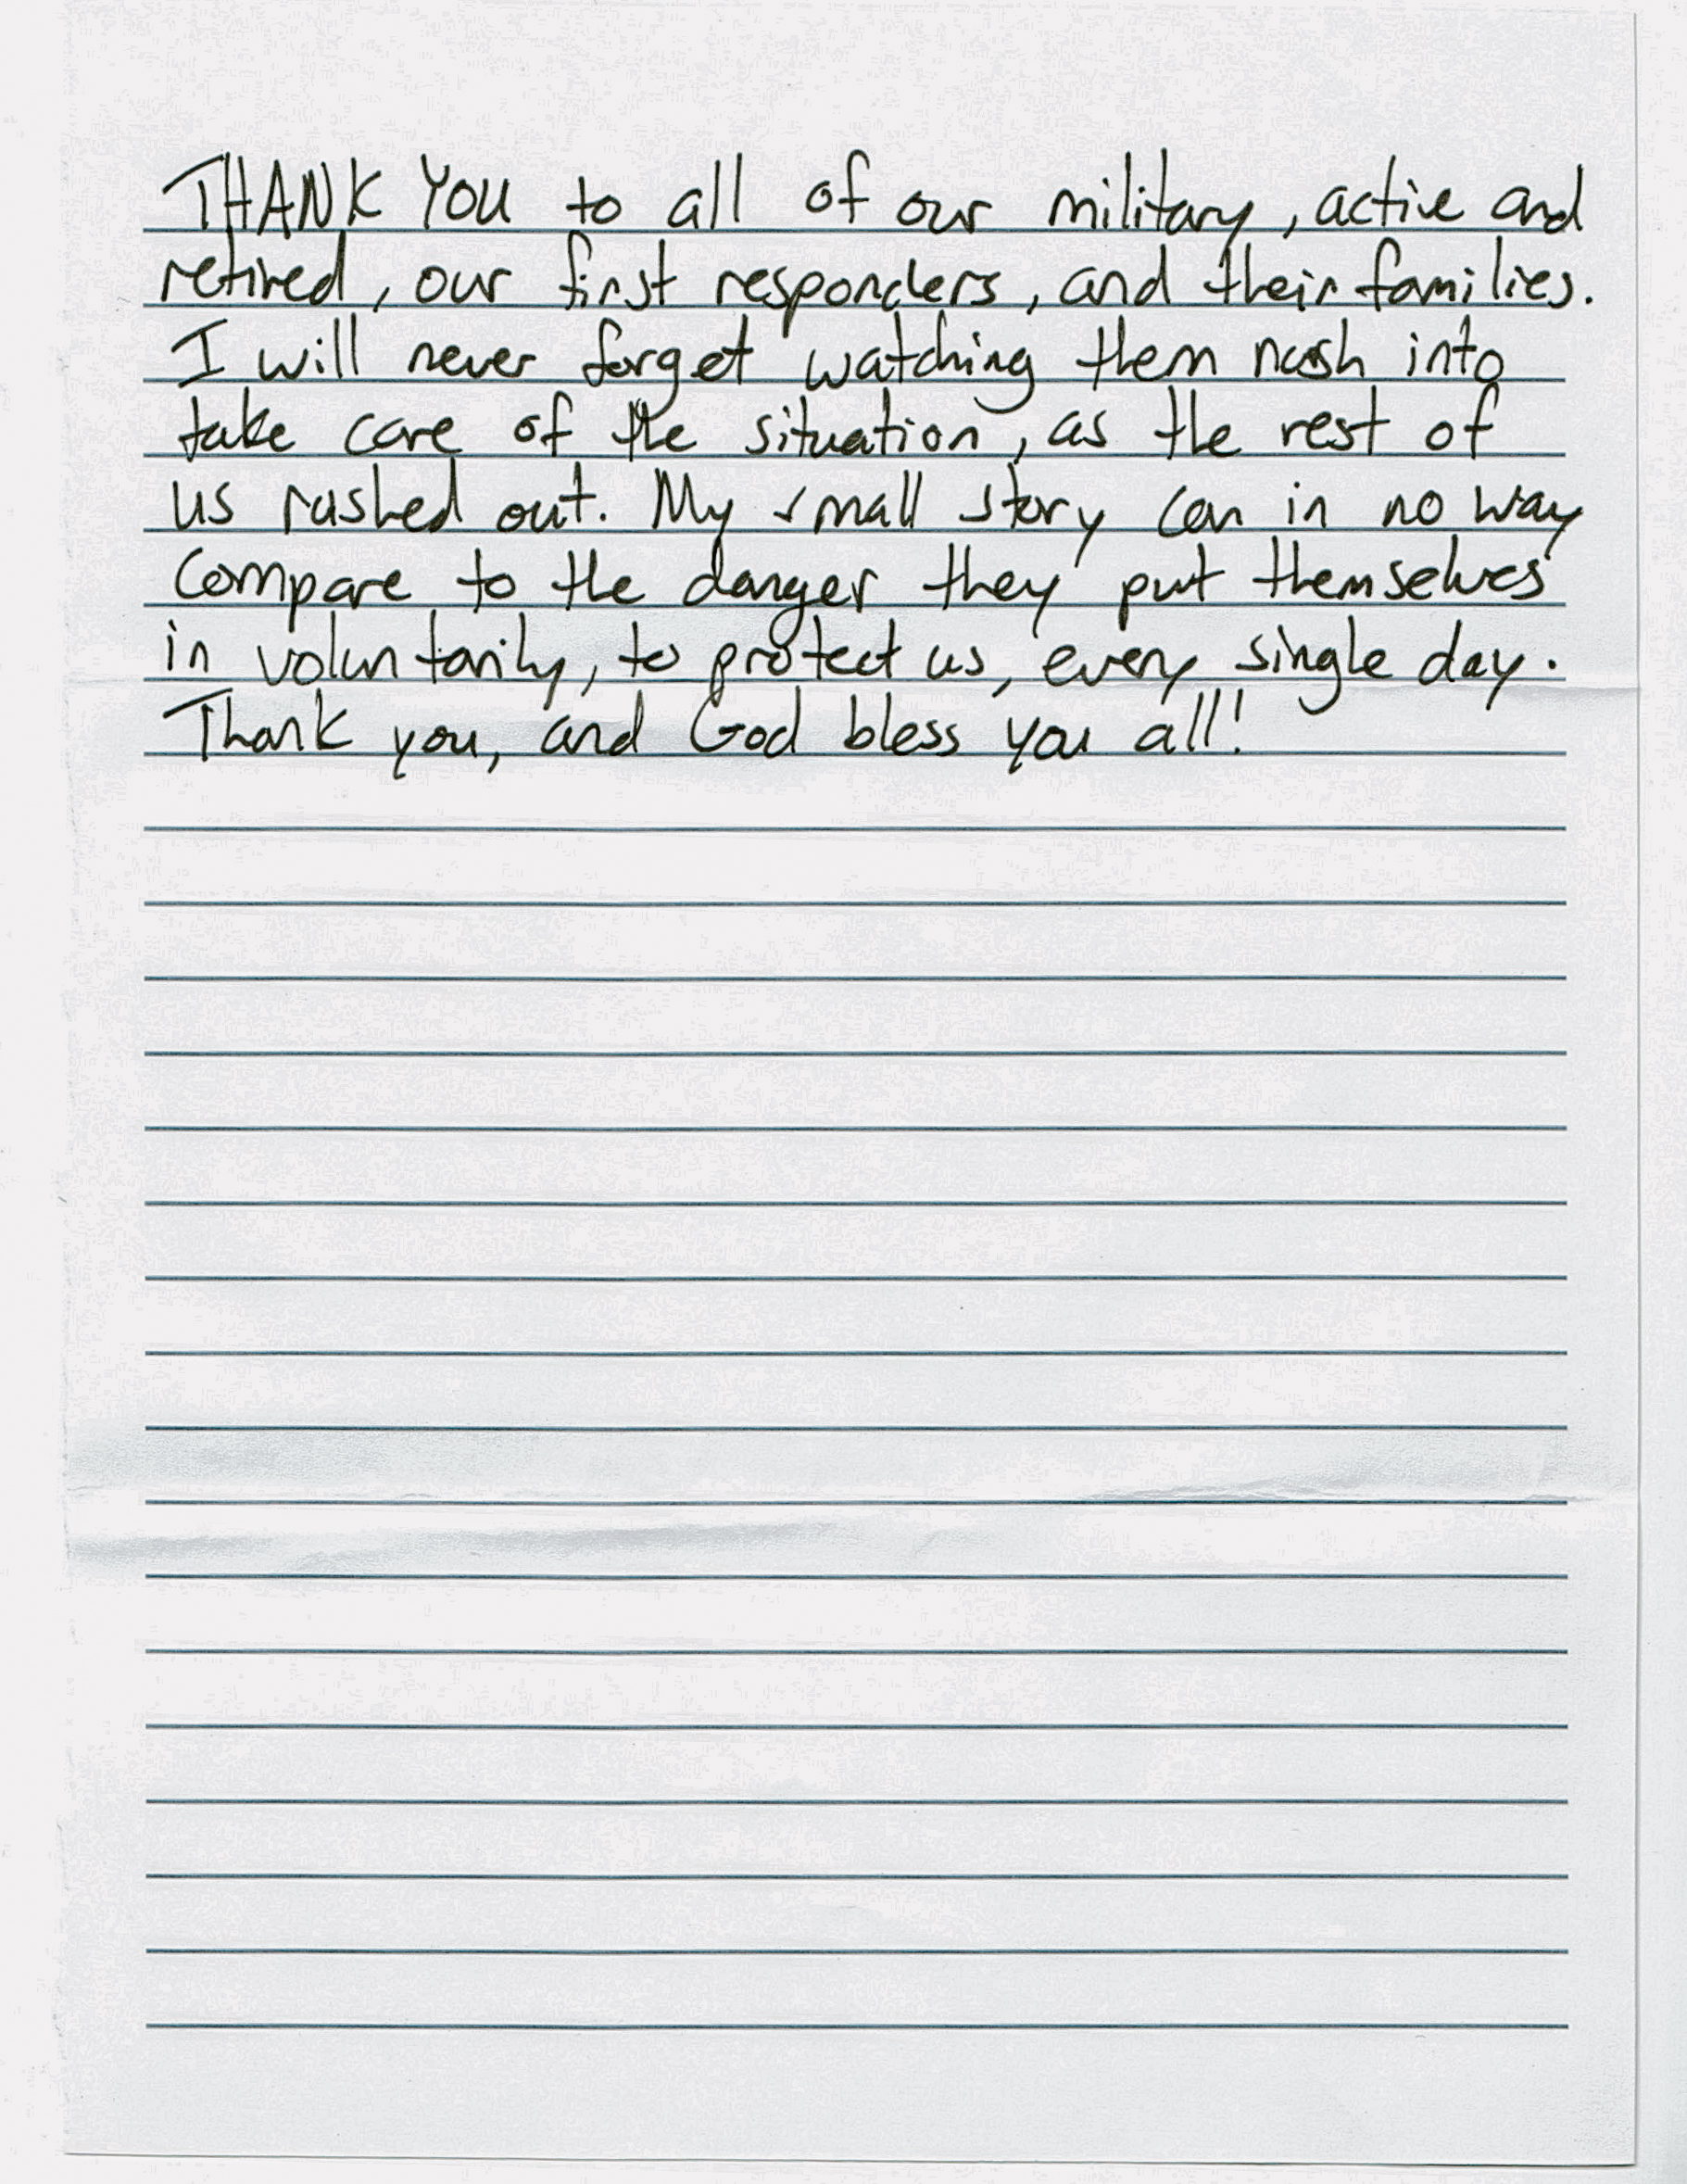 letters-to-women-11.jpg